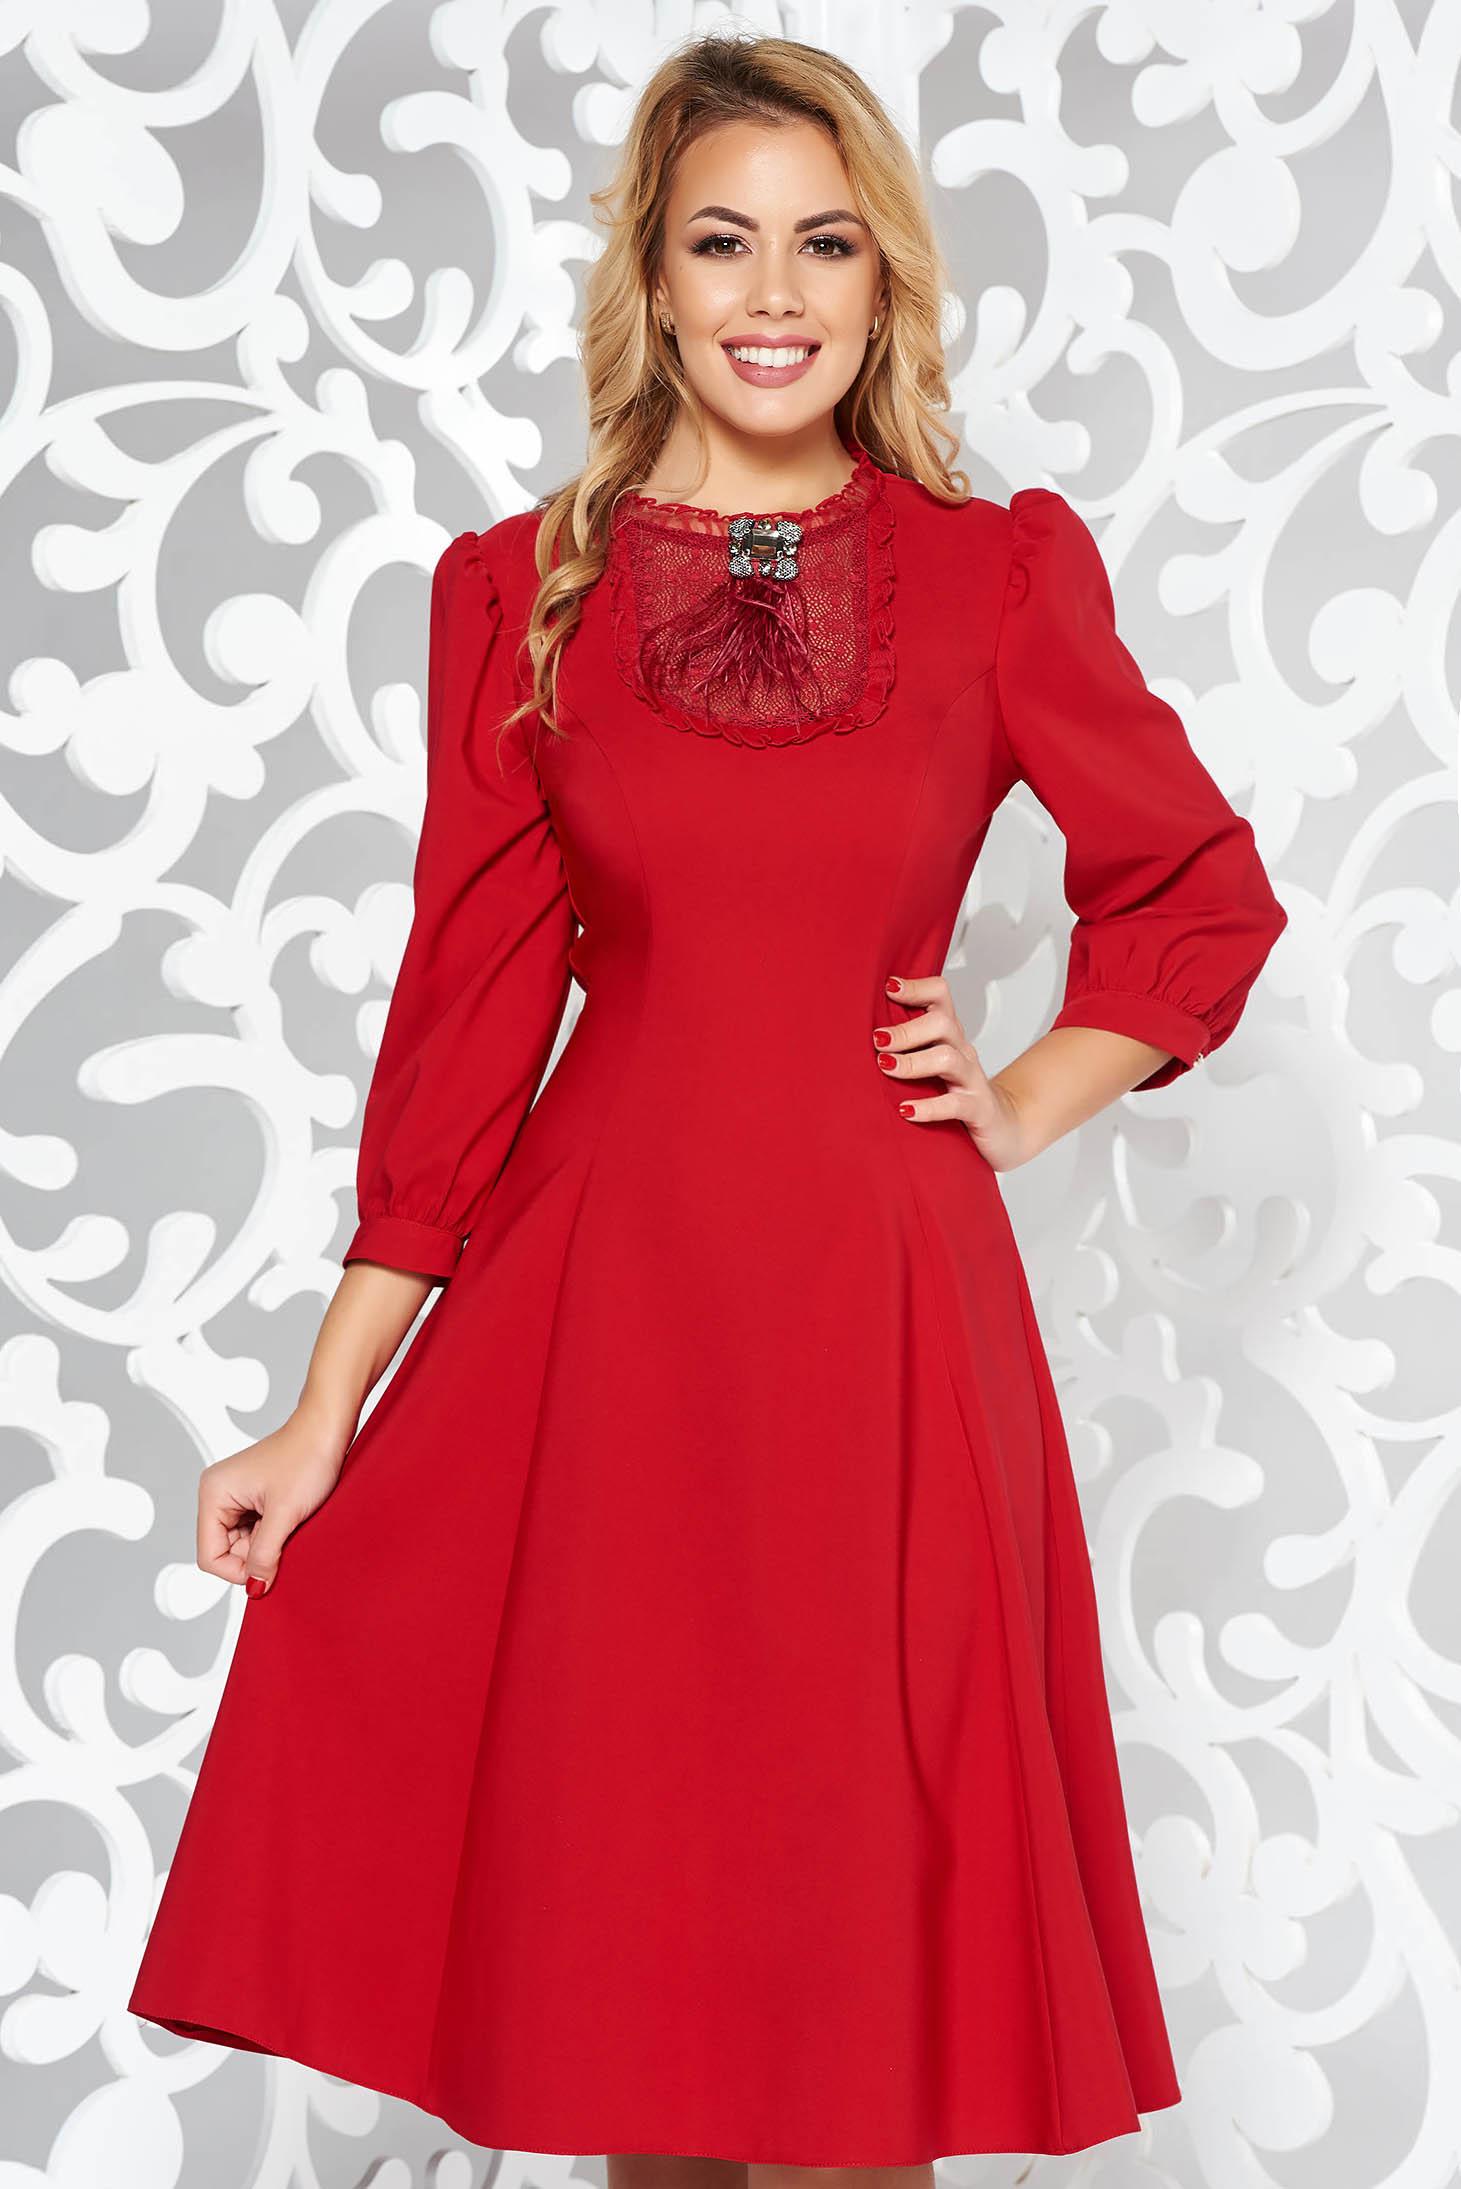 Rochie LaDonna rosie eleganta in clos din stofa subtire usor elastica cu aplicatii de dantela cu maneci bufante